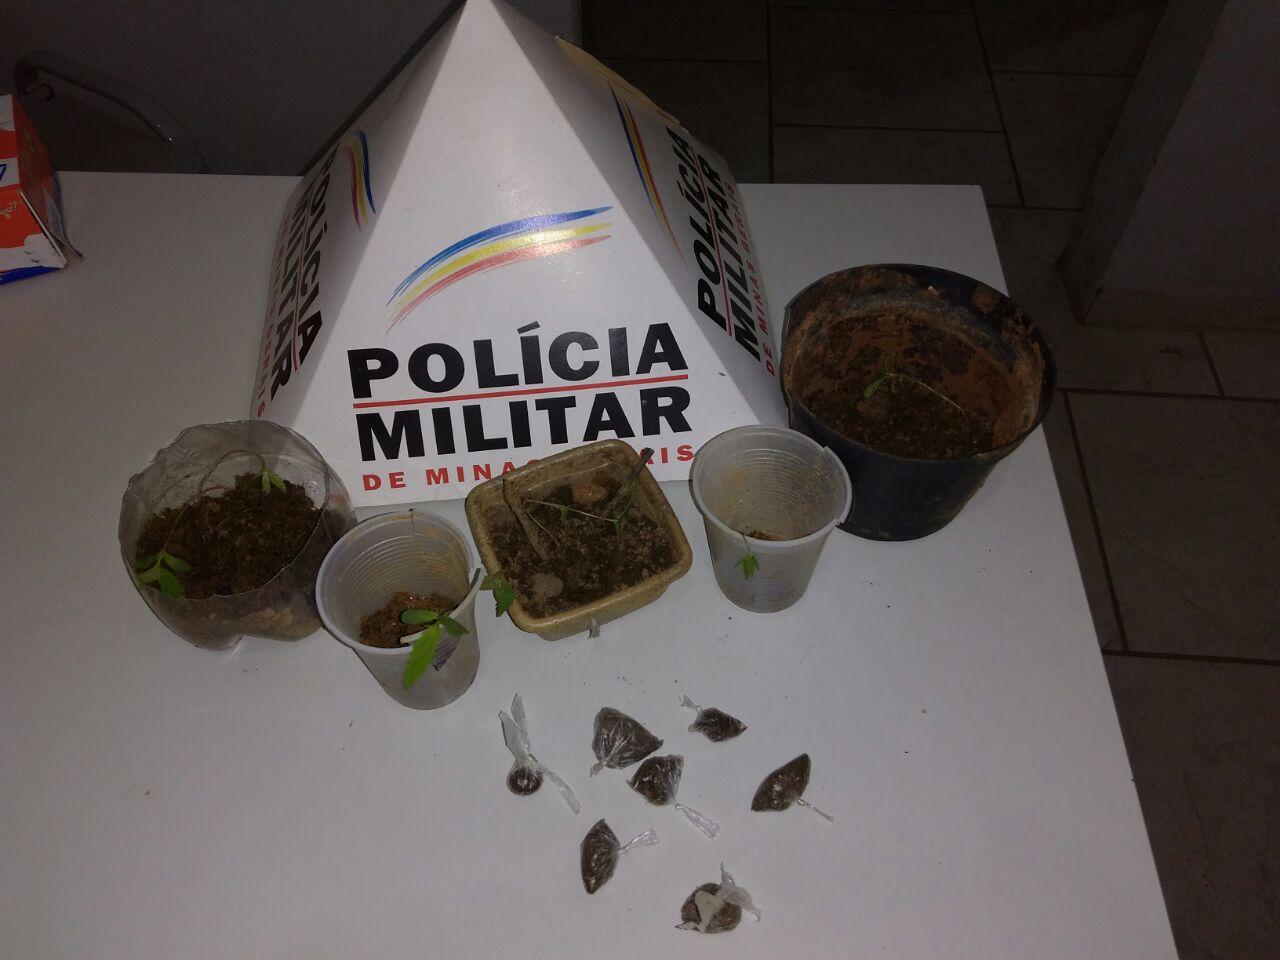 POLÍCIA DESCOBRE PÉS DE MACONHA EM TUMIRITINGA – 05 PRESOS – ENTRE ELES, DOIS ADOLESCENTES